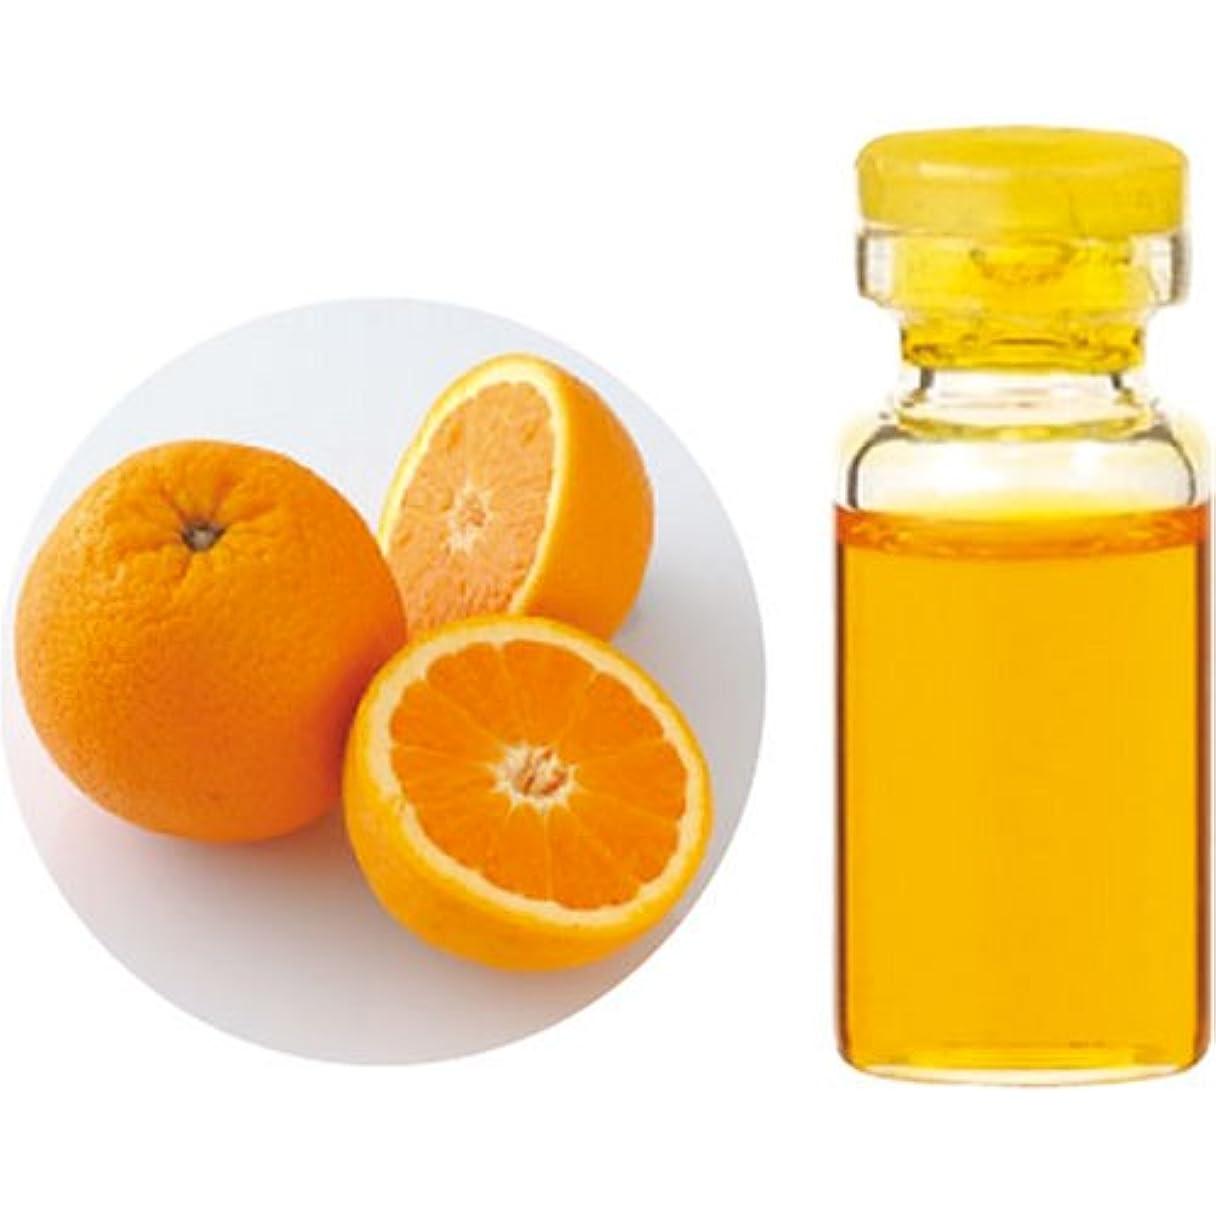 消去状態検出可能HerbalLife スィートオレンジ 10ml